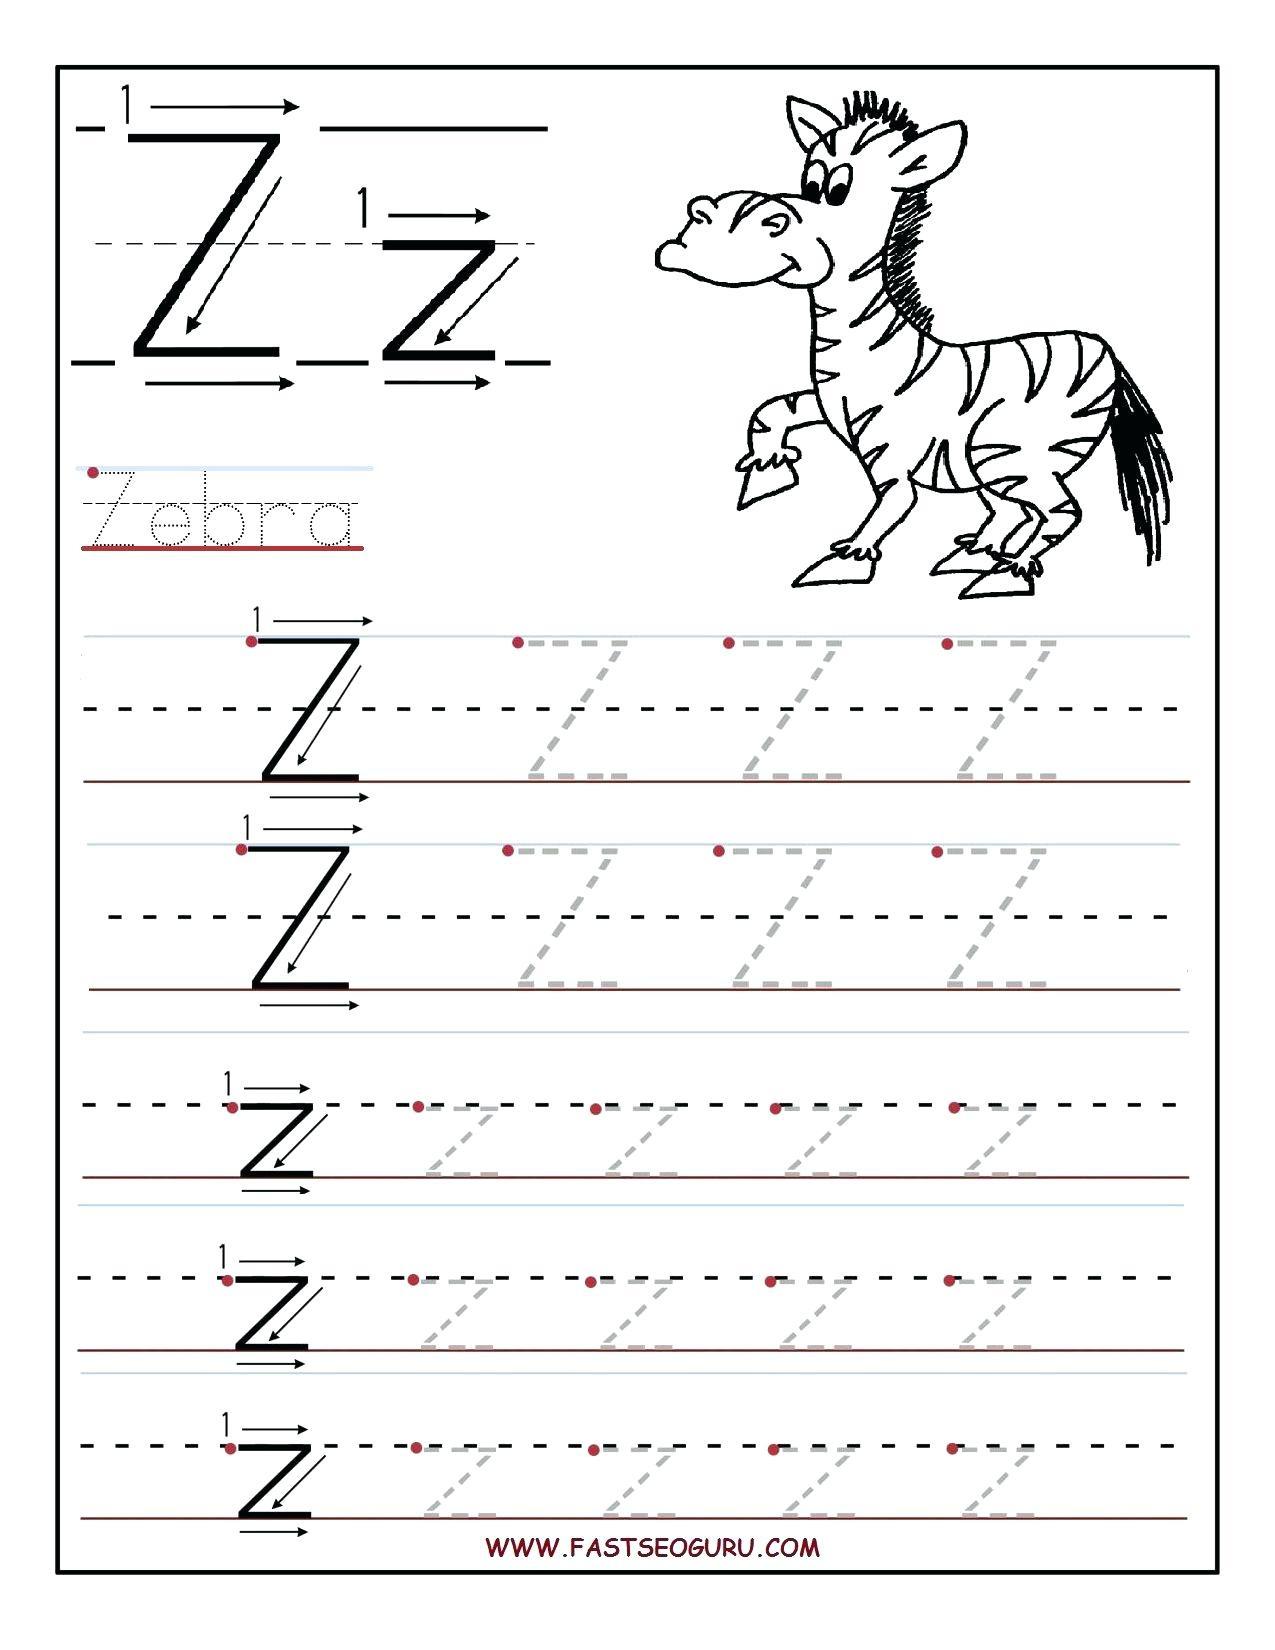 Letter Z Preschool Pinon Decor Tracing Worksheets Printable - Letter Z Worksheets Free Printable